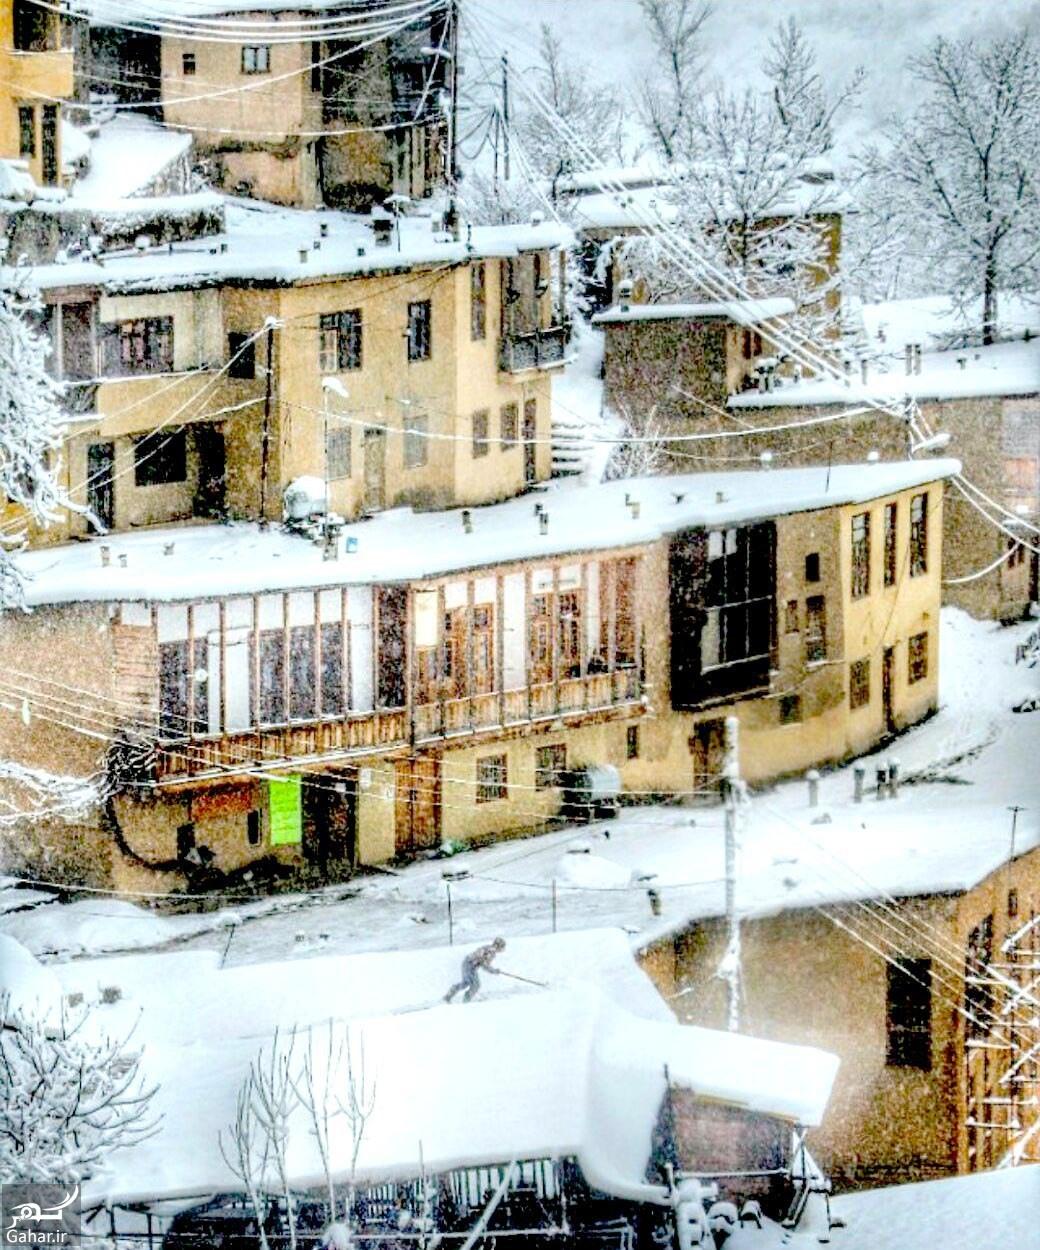 474157 476 تصویر زیبای برفی از شهر ماسوله گیلان